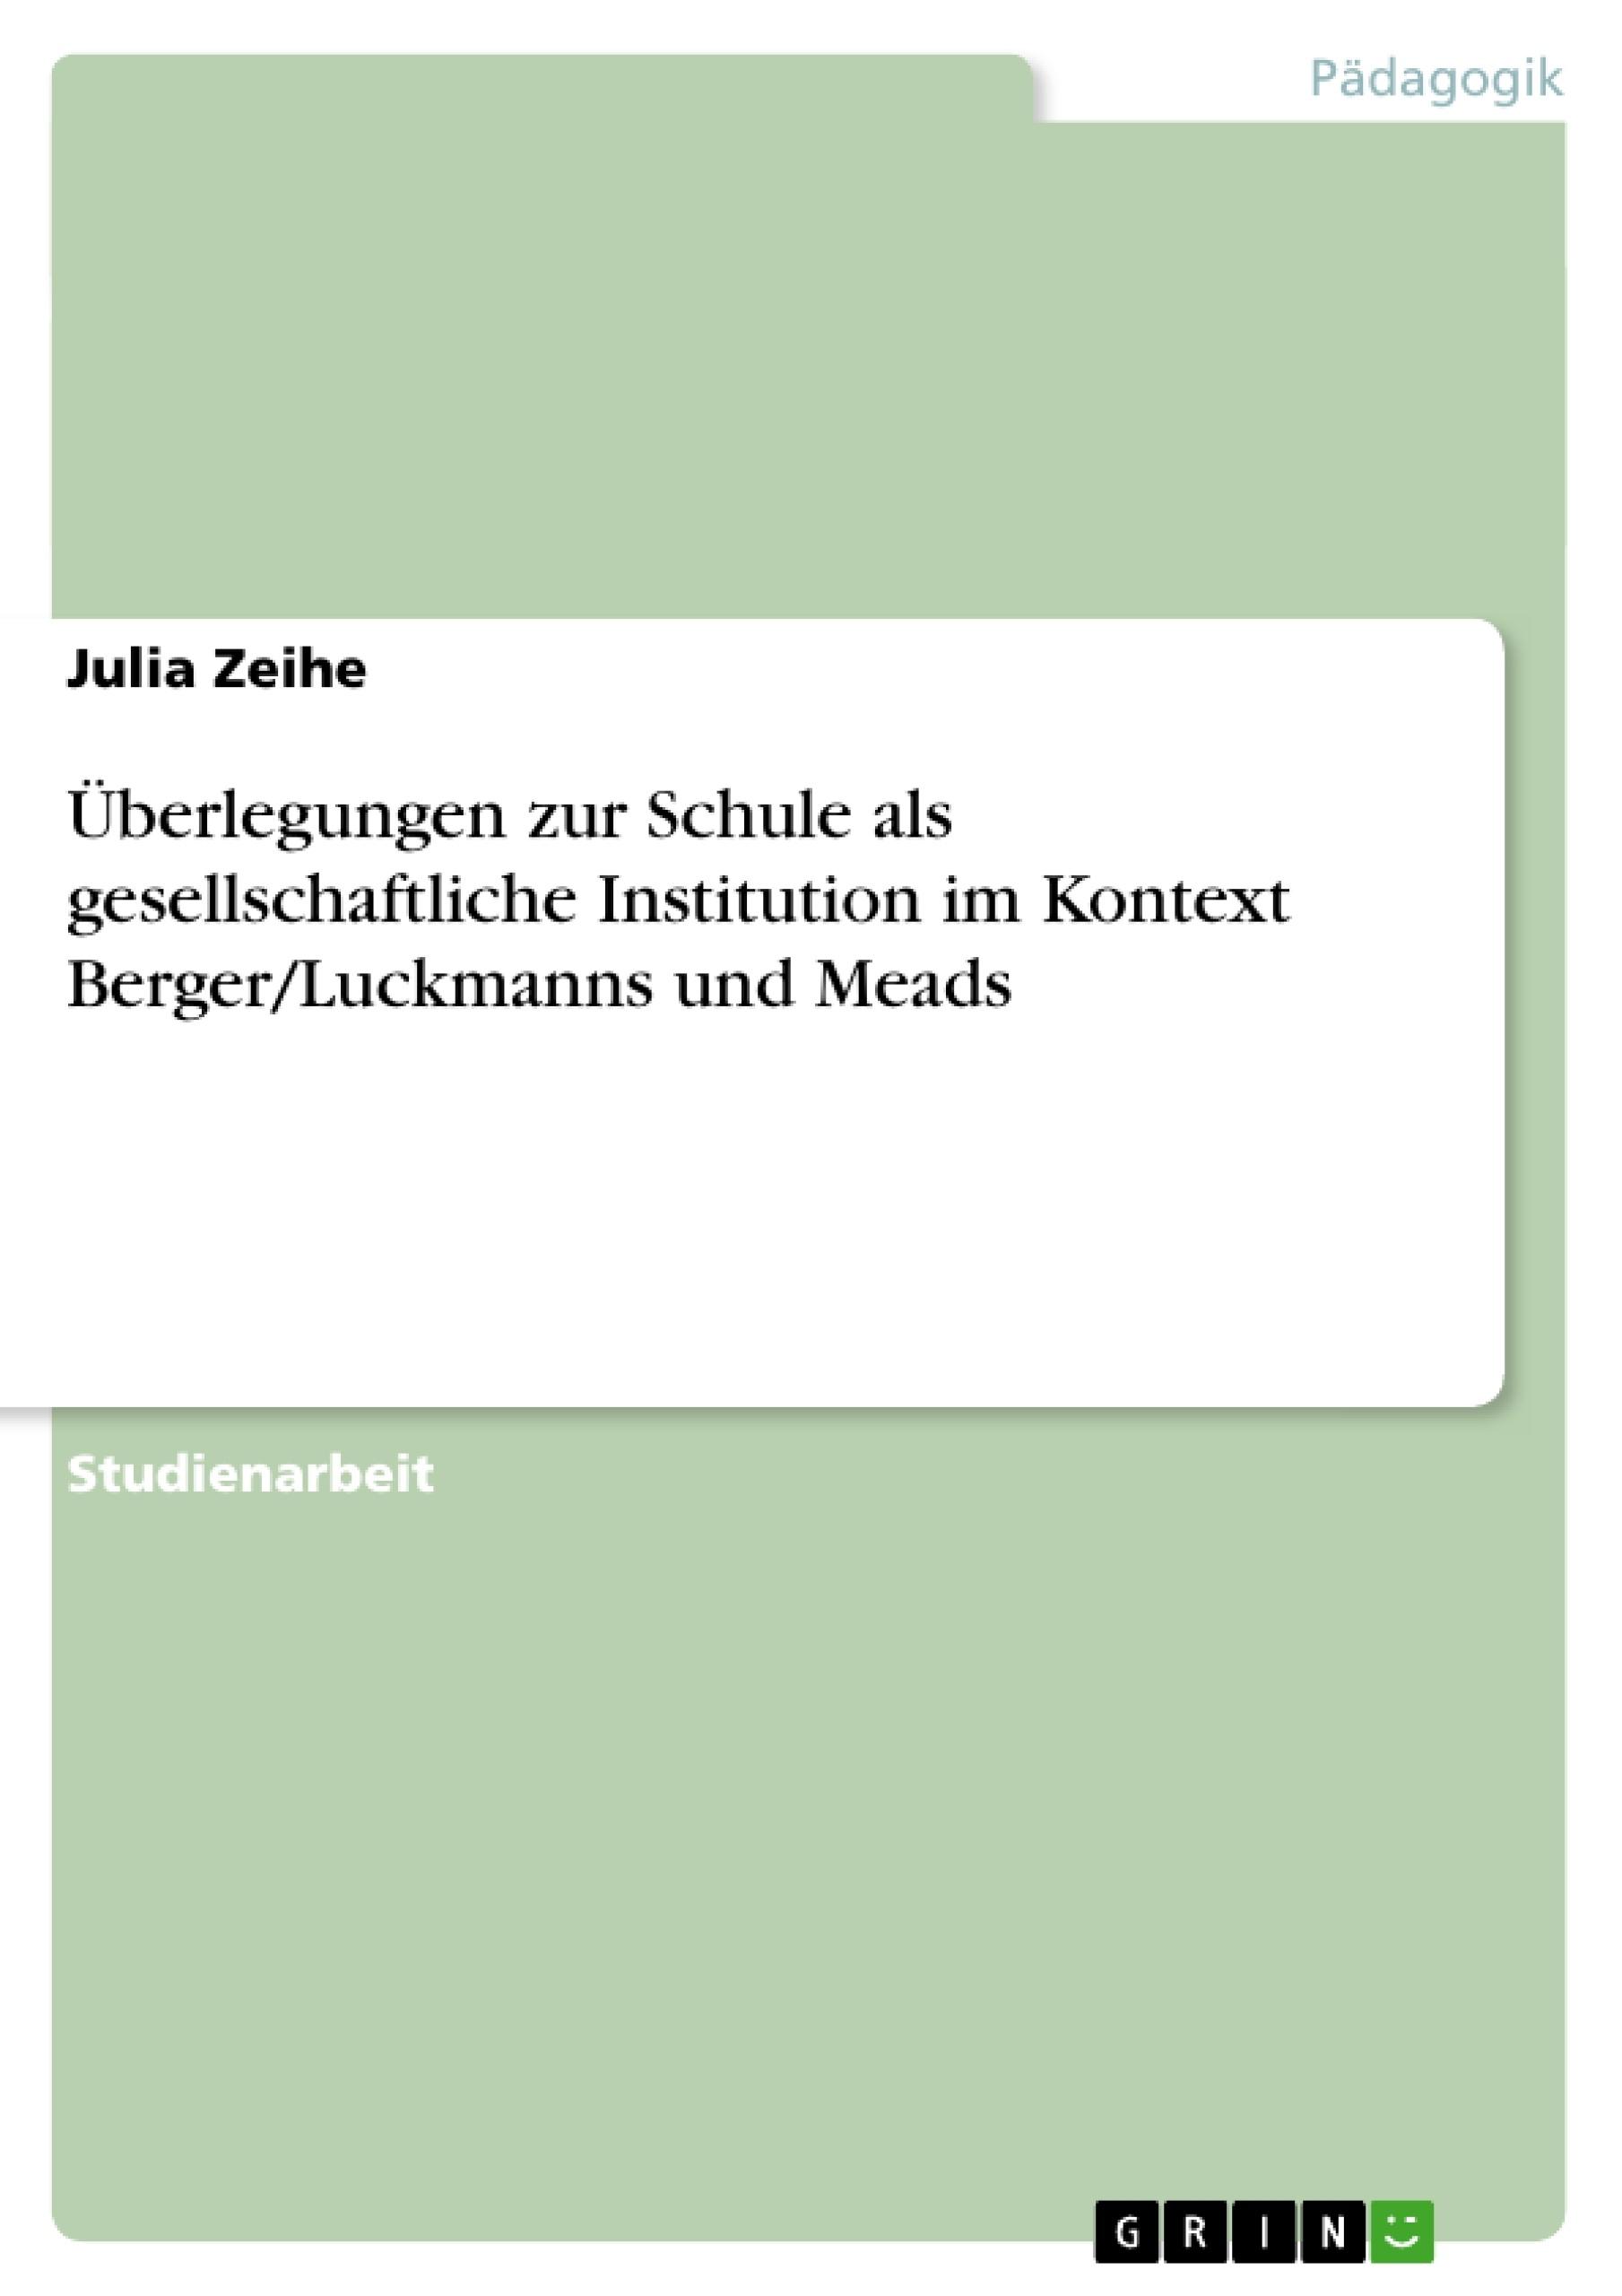 Titel: Überlegungen zur Schule als gesellschaftliche Institution im Kontext Berger/Luckmanns und Meads